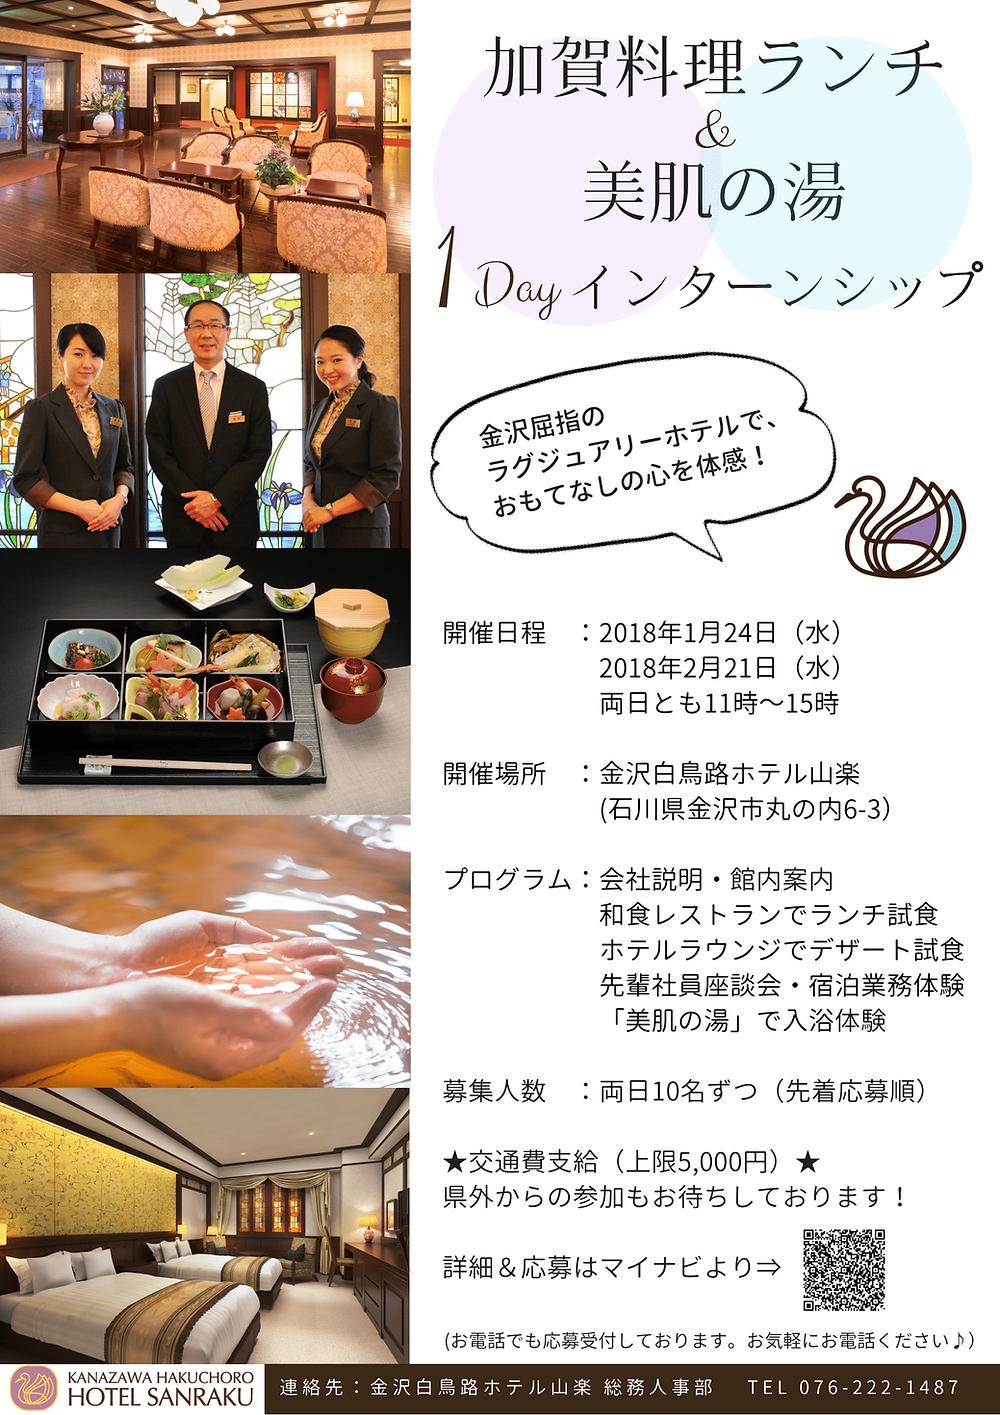 金沢白鳥路ホテル山楽 インターンシップ